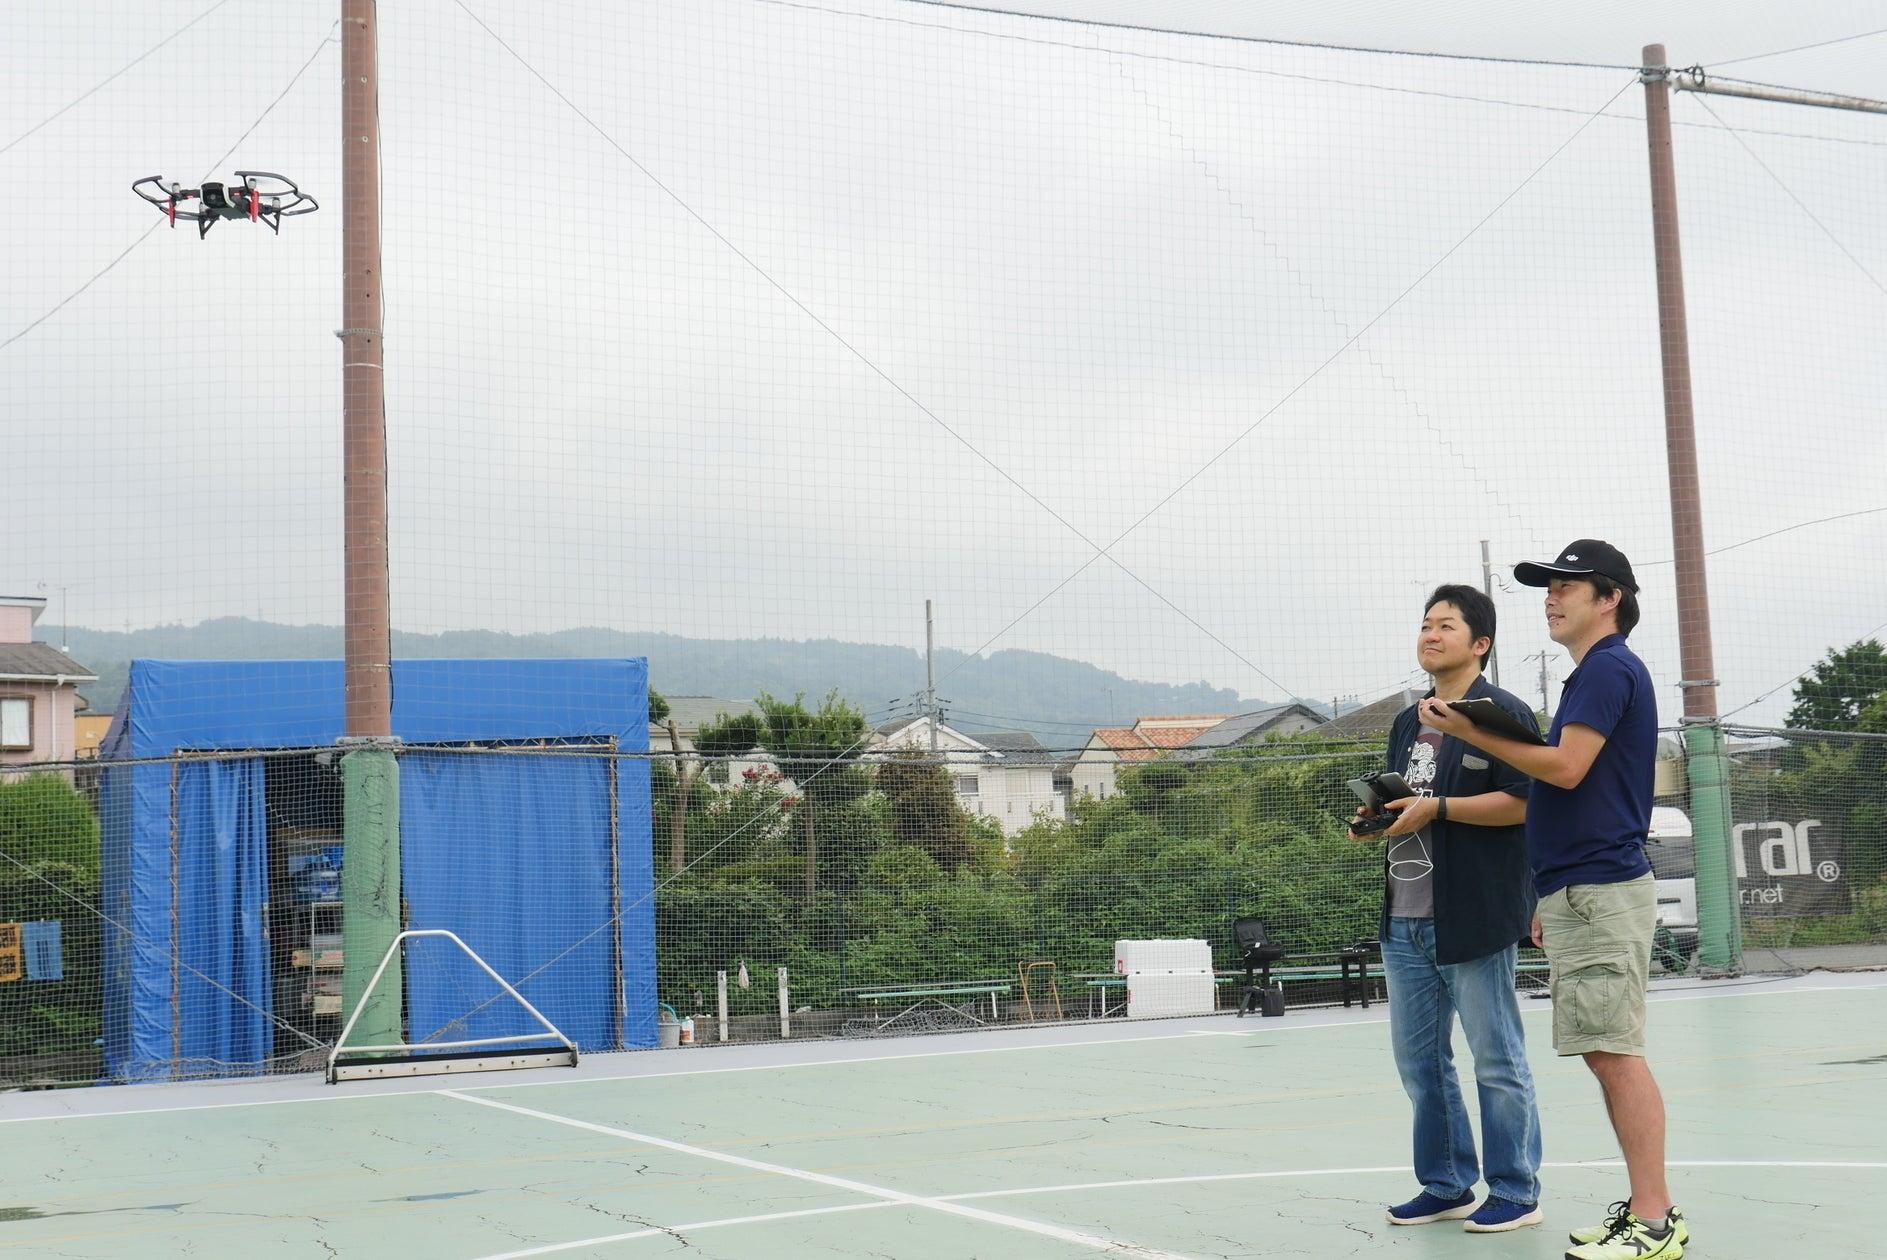 ドローン練習場・ZUCCドローンフライトフィールド大井(ZUCCドローンフライトフィールド) の写真0